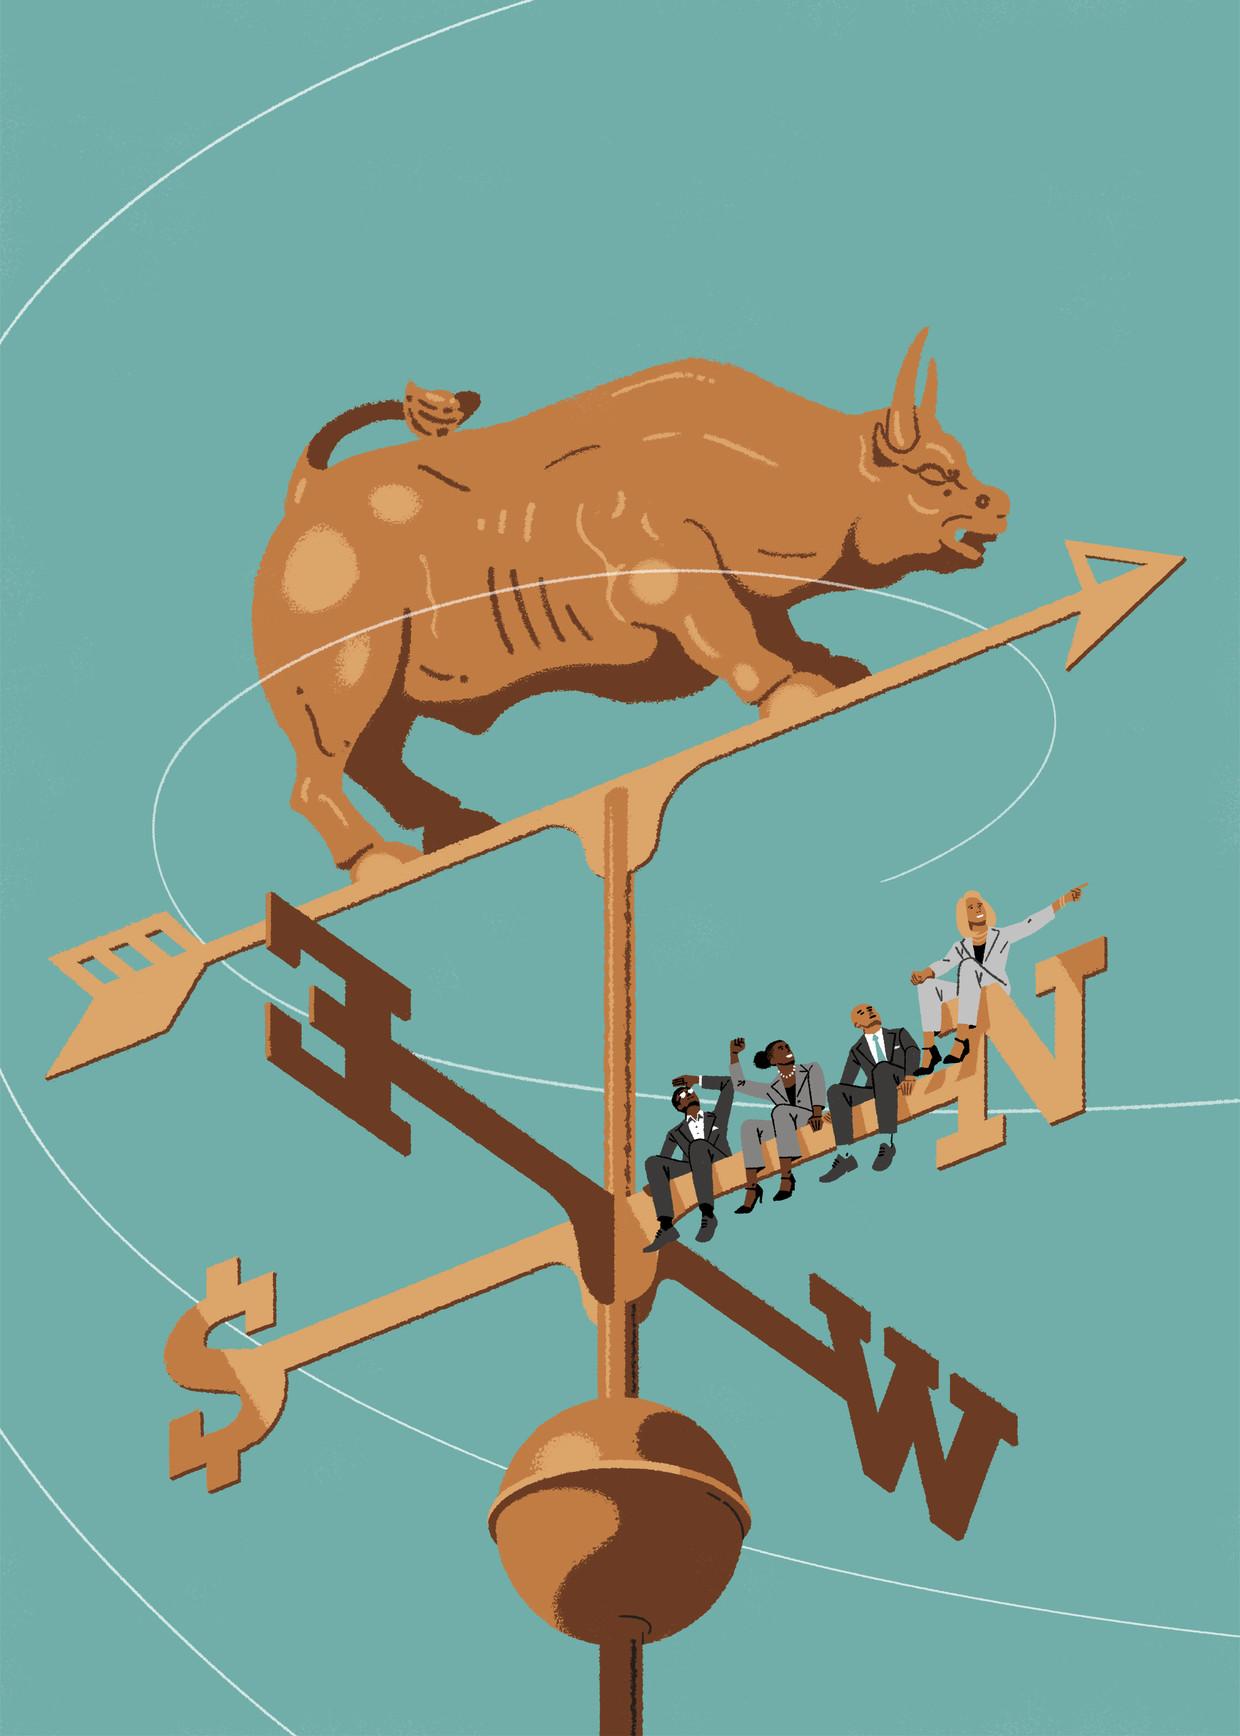 Deze week kwamen grote Amerikaanse bedrijven met een baanbrekend statement: we willen niet langer maximale winst maken voor de aandeelhouder, maar goed doen voor een betere samenleving. Beeld Matt Harrison Clough